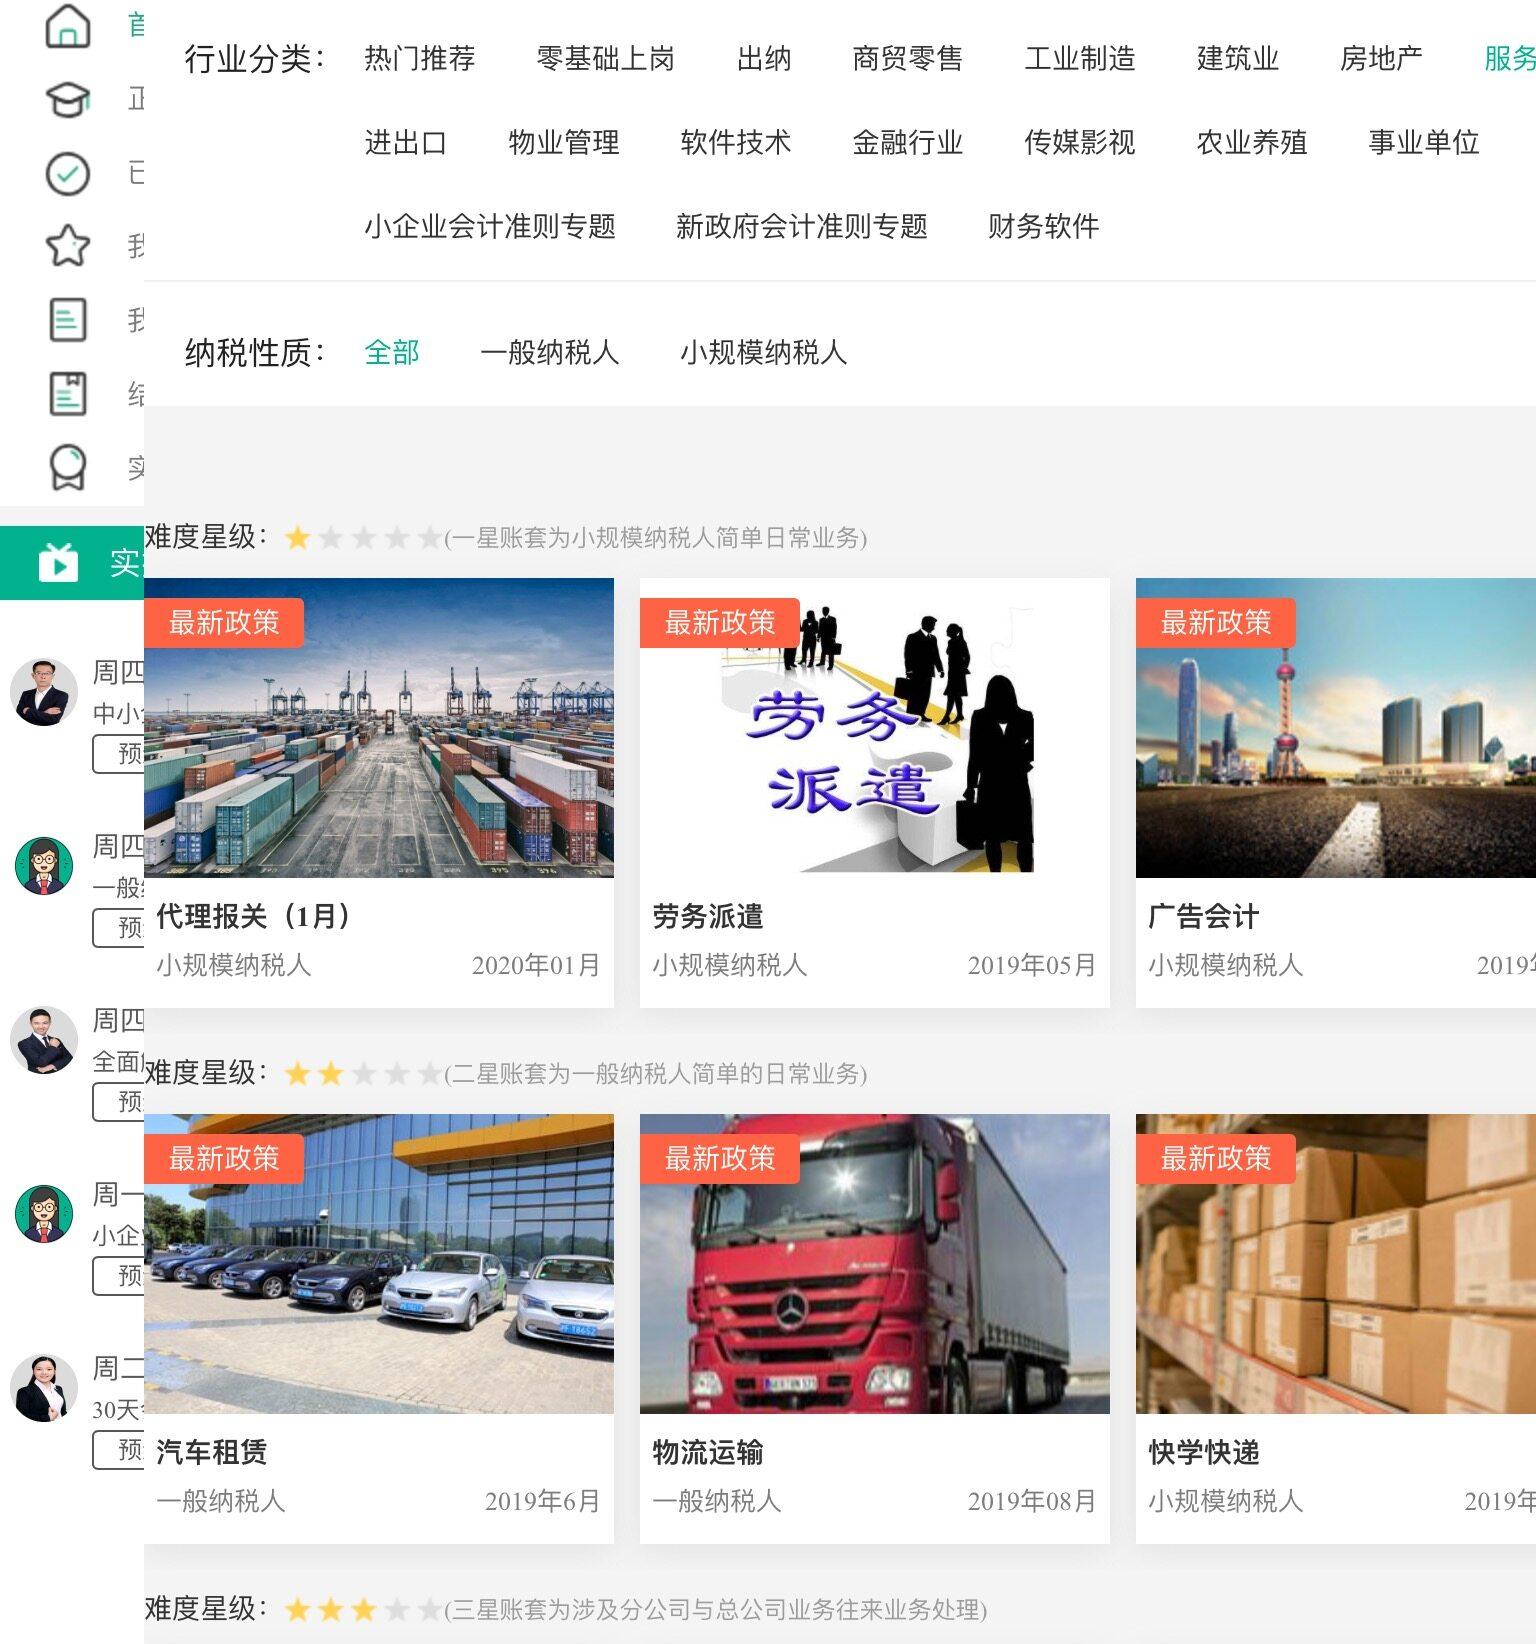 https://lx.kuaizhang.com/ 我的可以的 你去首页找课程,税学堂 真账实操